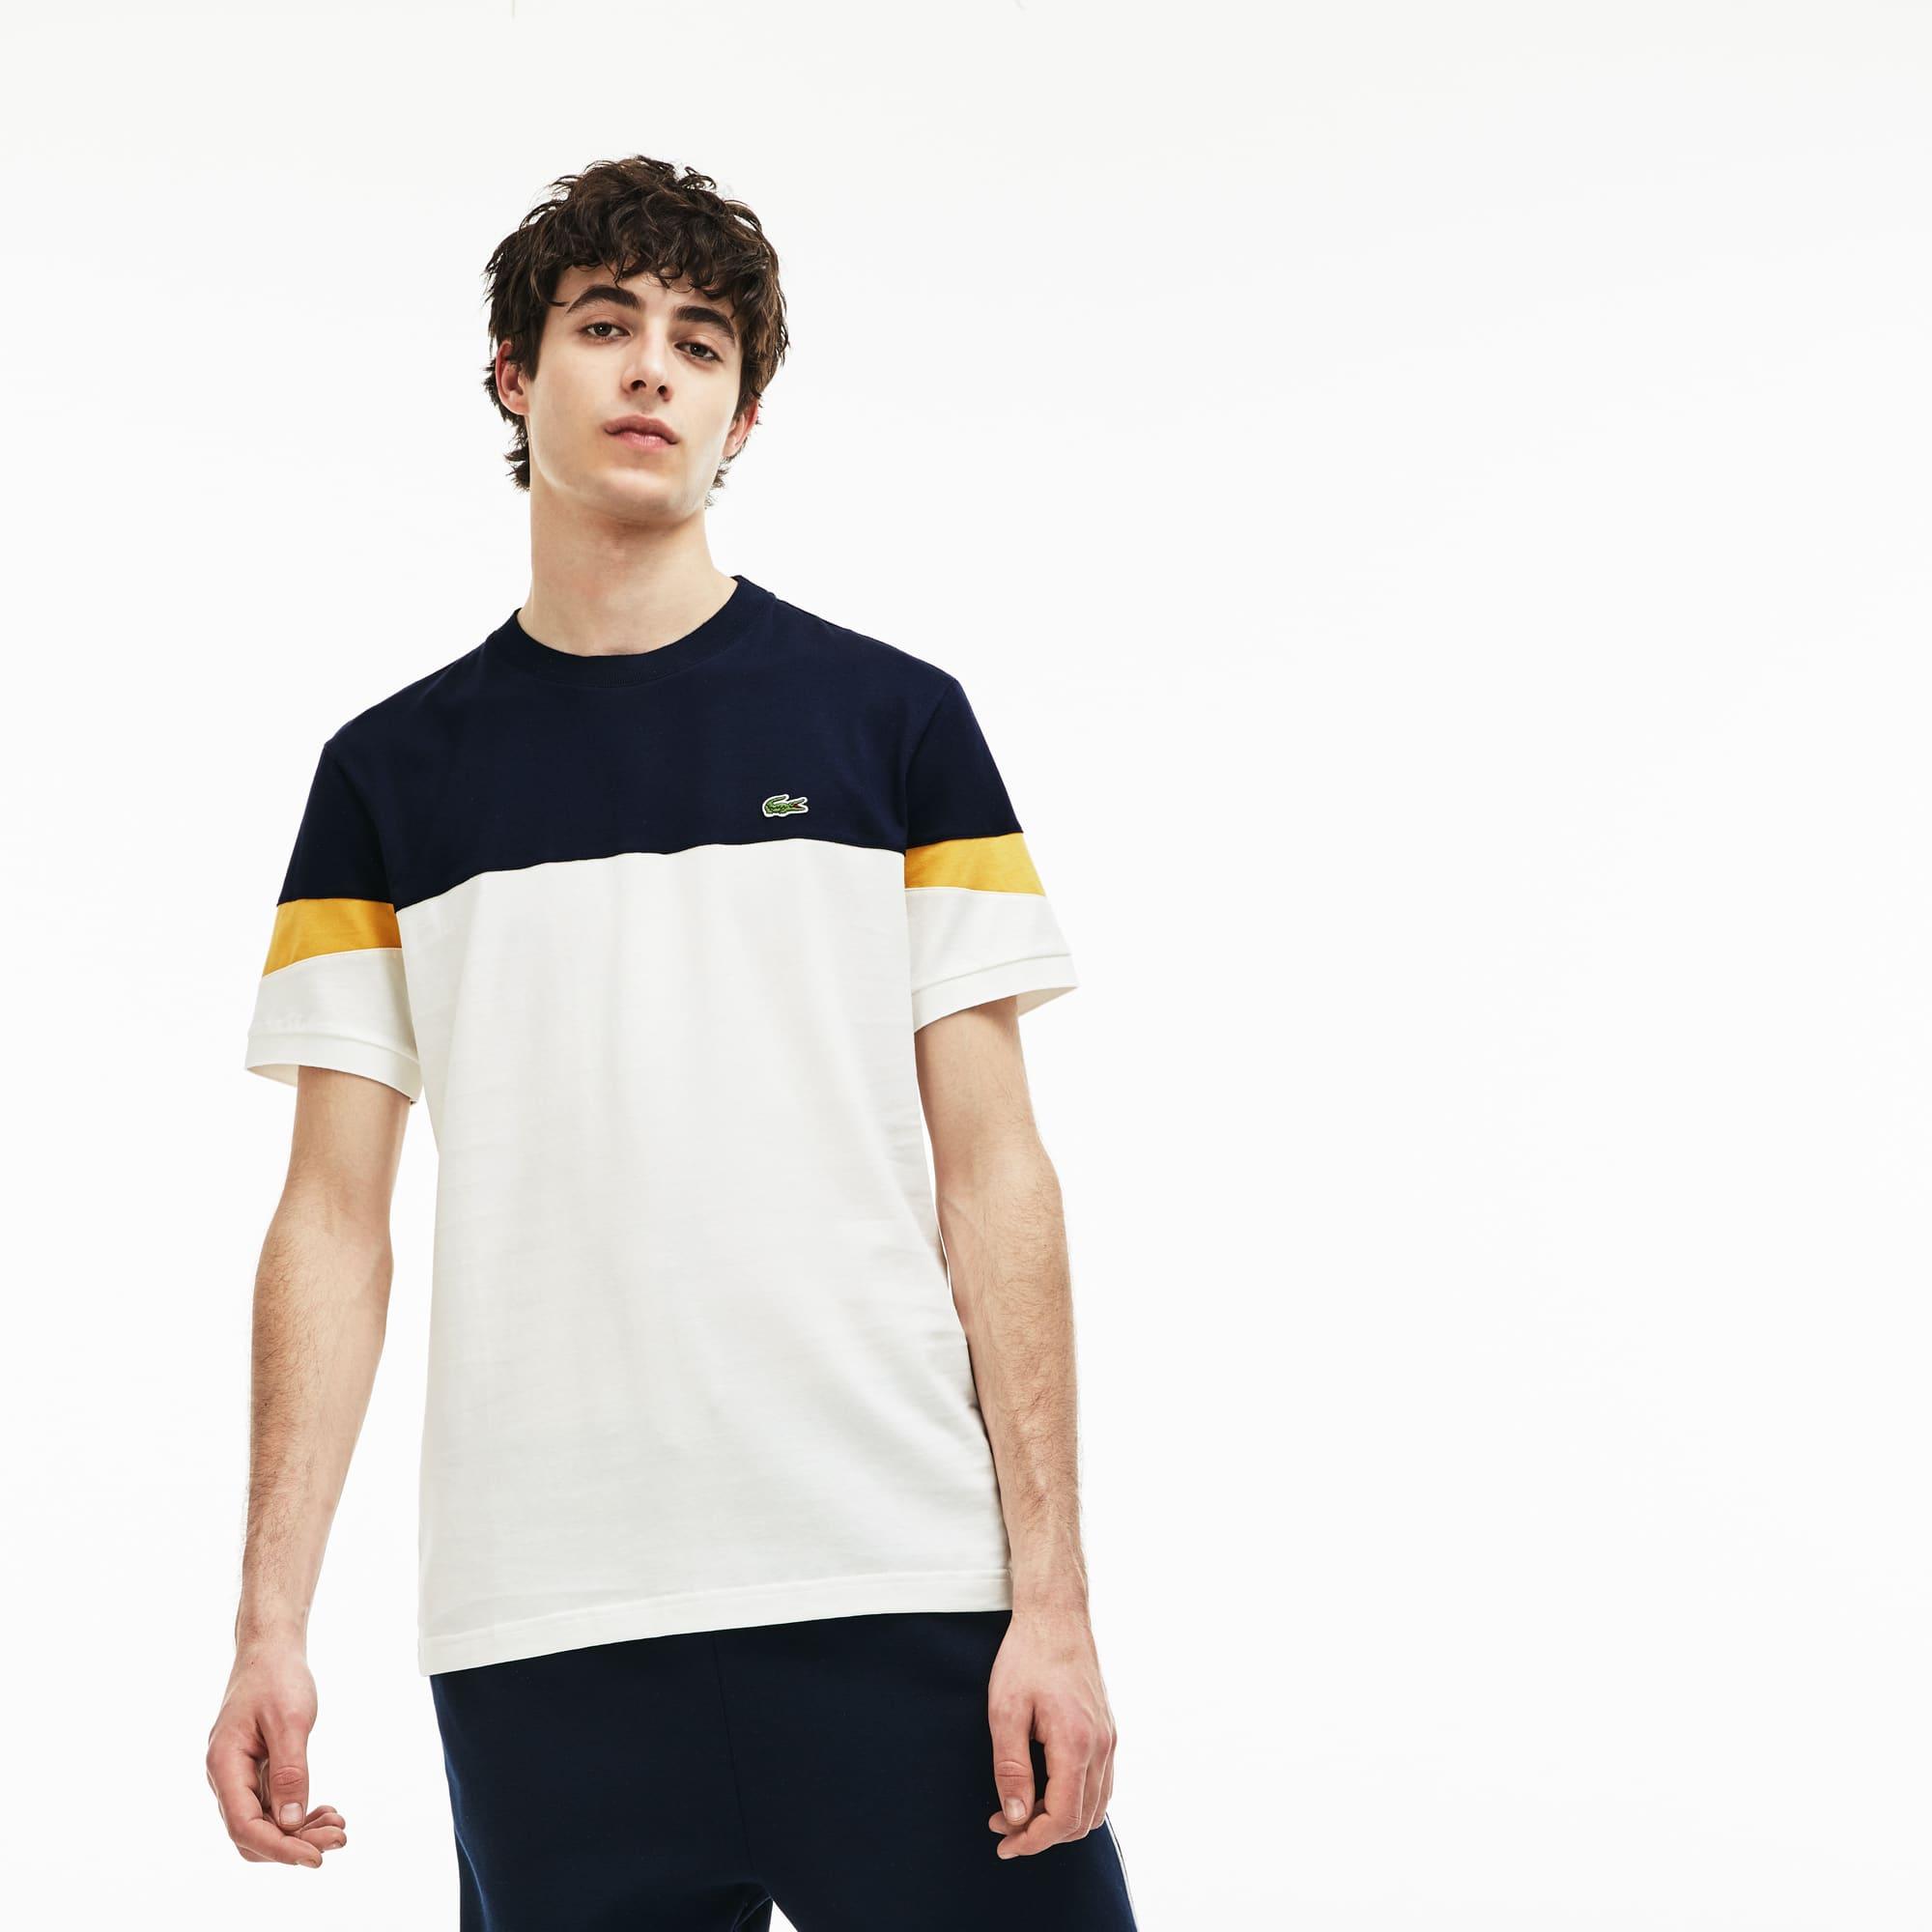 Lacoste - Herren Rundhals-Shirt aus Jersey im Colorblock-Design - 5